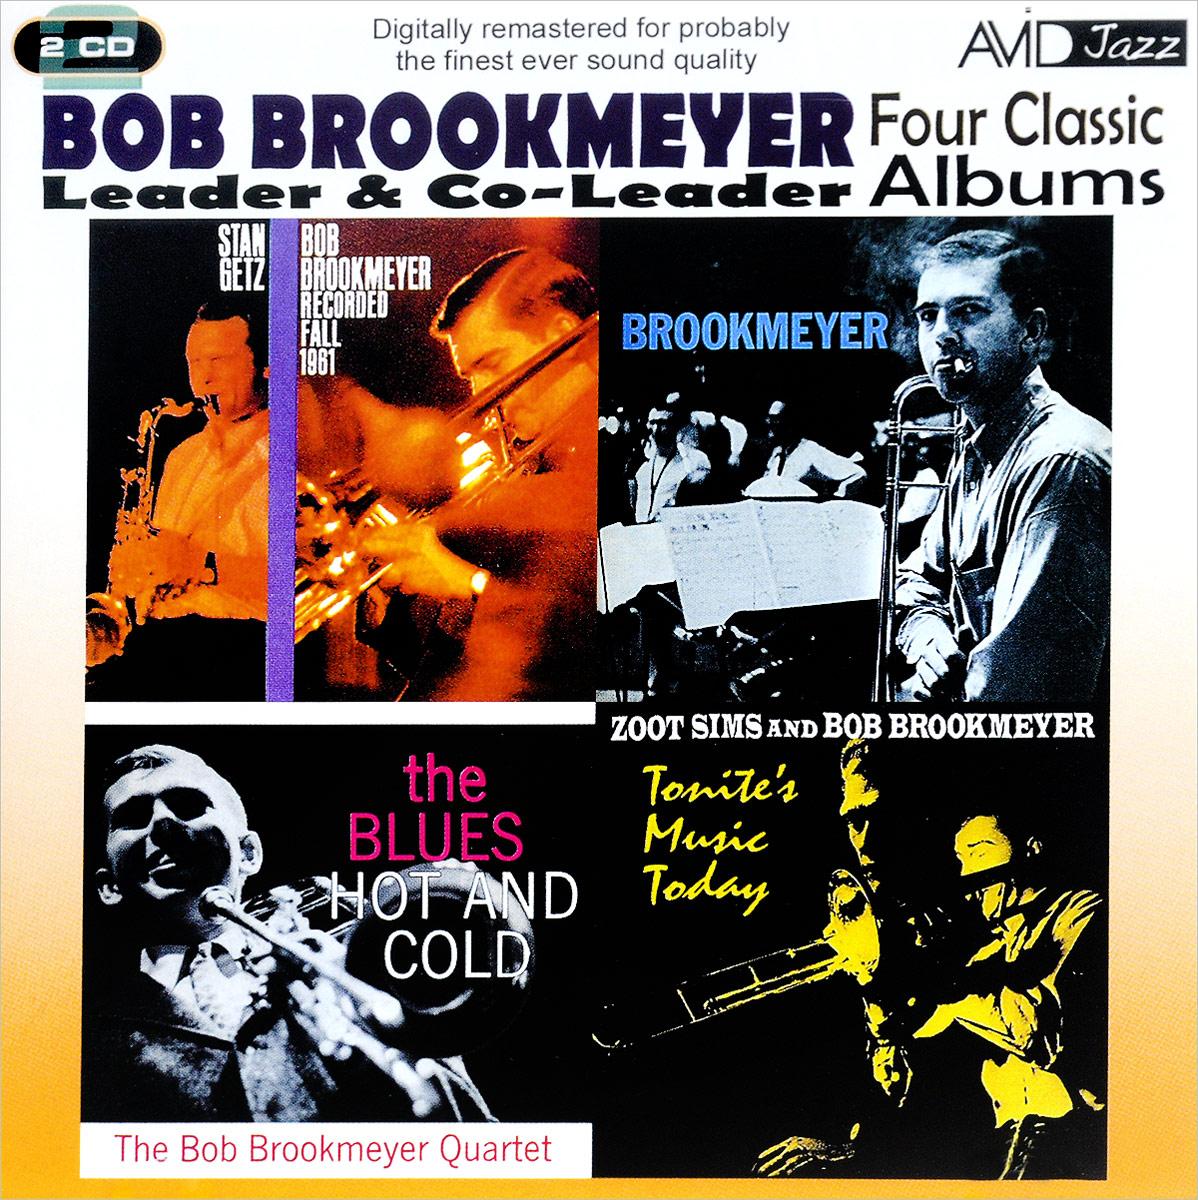 Боб Брукмэйер Bob Brookmeyer. 4 Classic Albums (2 CD) недорго, оригинальная цена